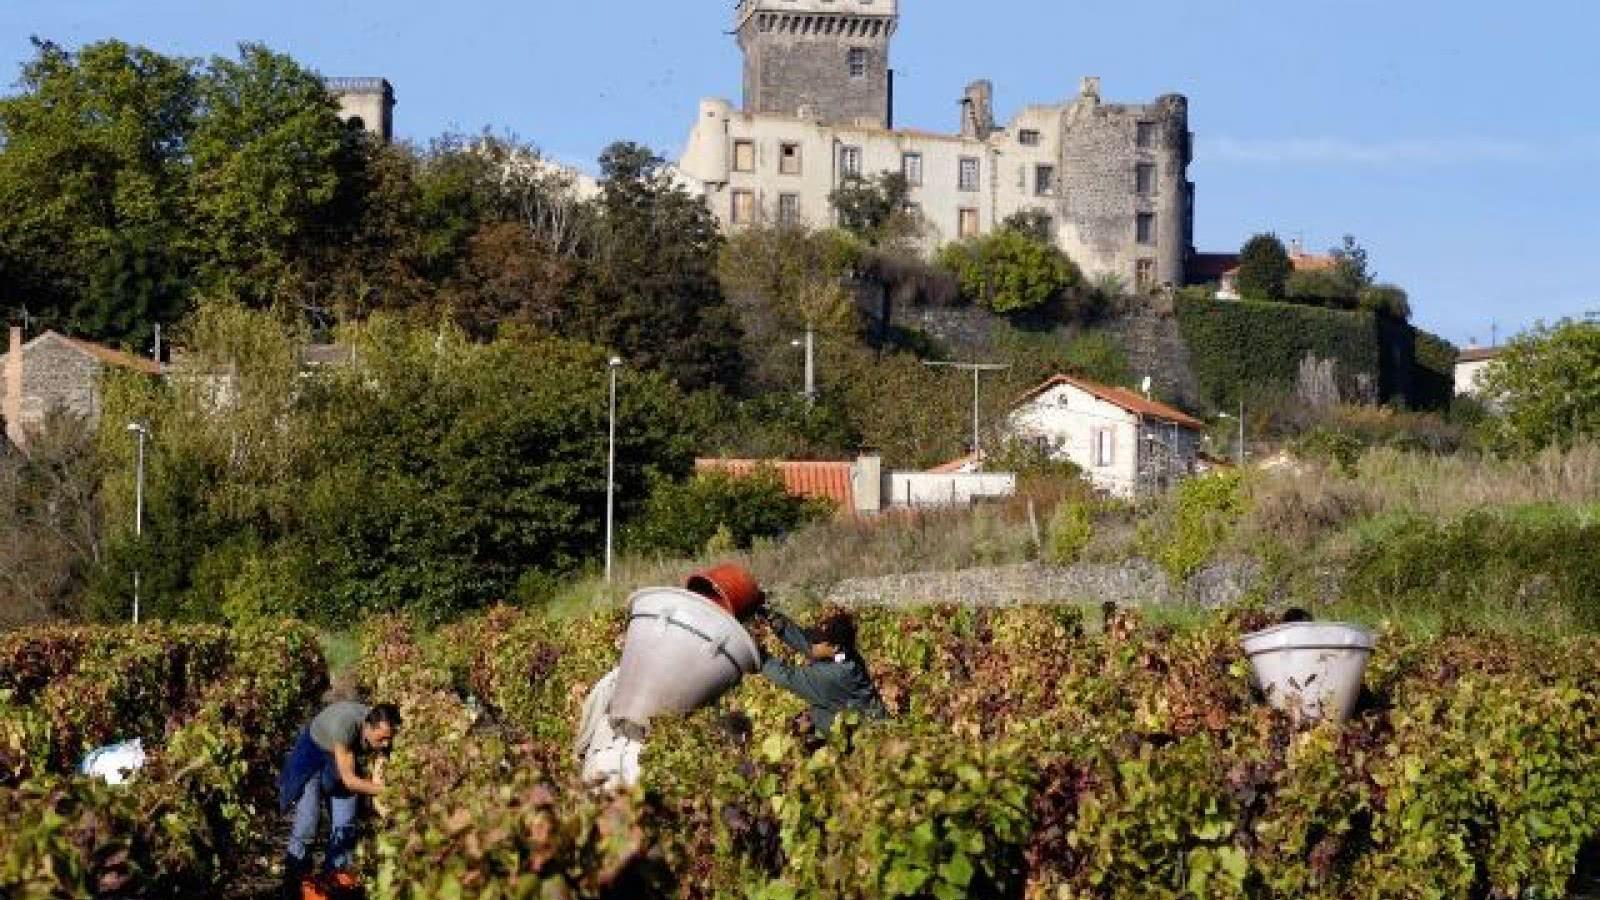 Château de Châteaugay